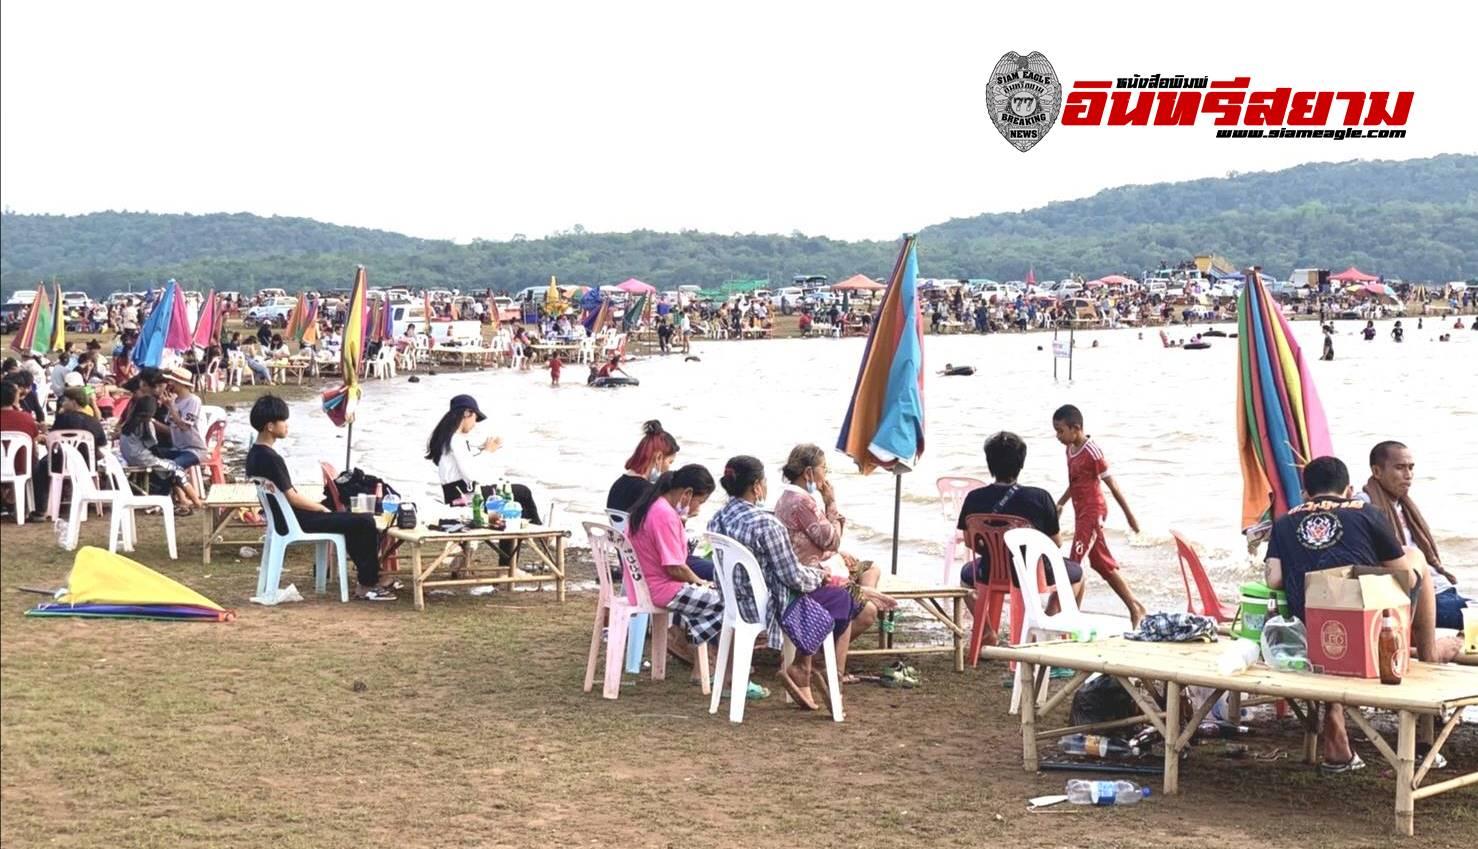 ฉะเชิงเทรา- เที่ยวตลาดน้ำทะเลวังคู ทะเลน้ำจืดแห่งแรกของแปดริ้ว